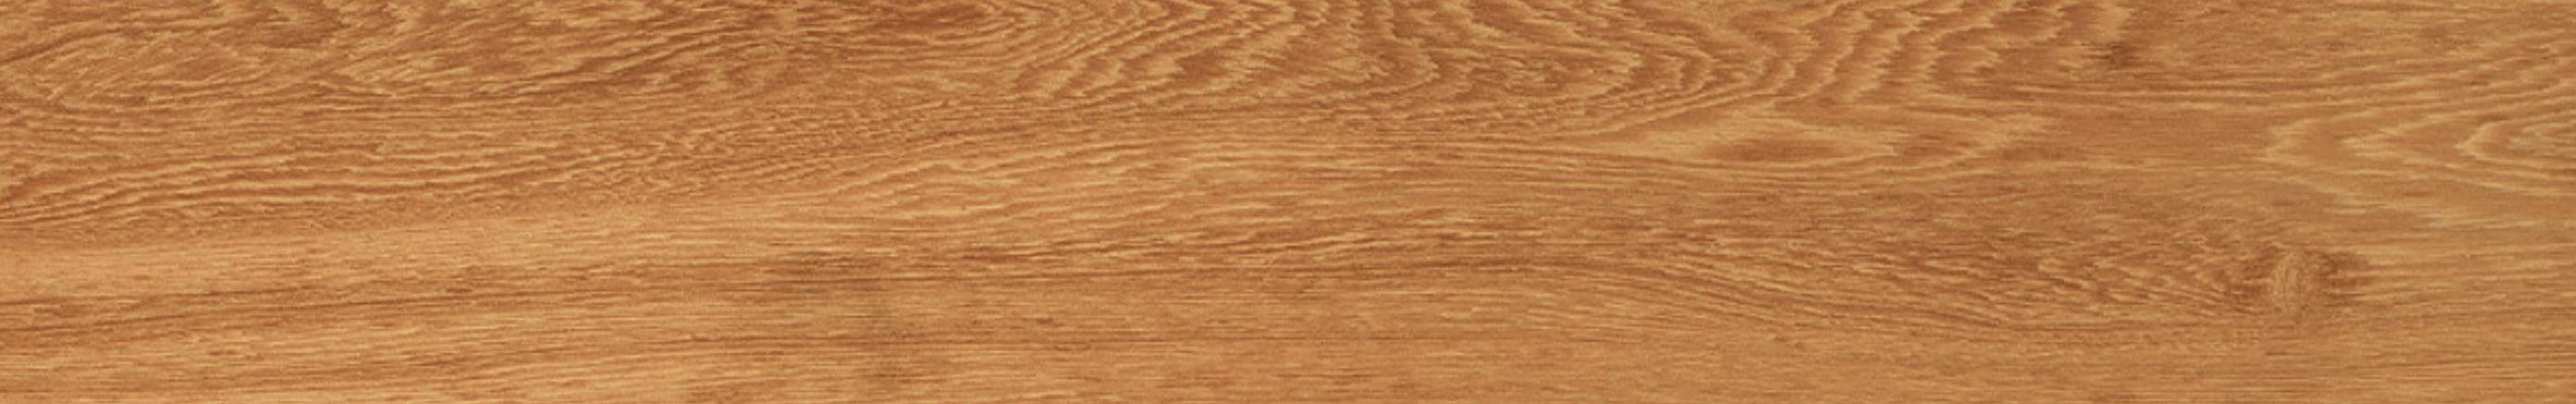 Instalacion TARIMA flotante madera IMA jarana en Asturias y venta a toda España